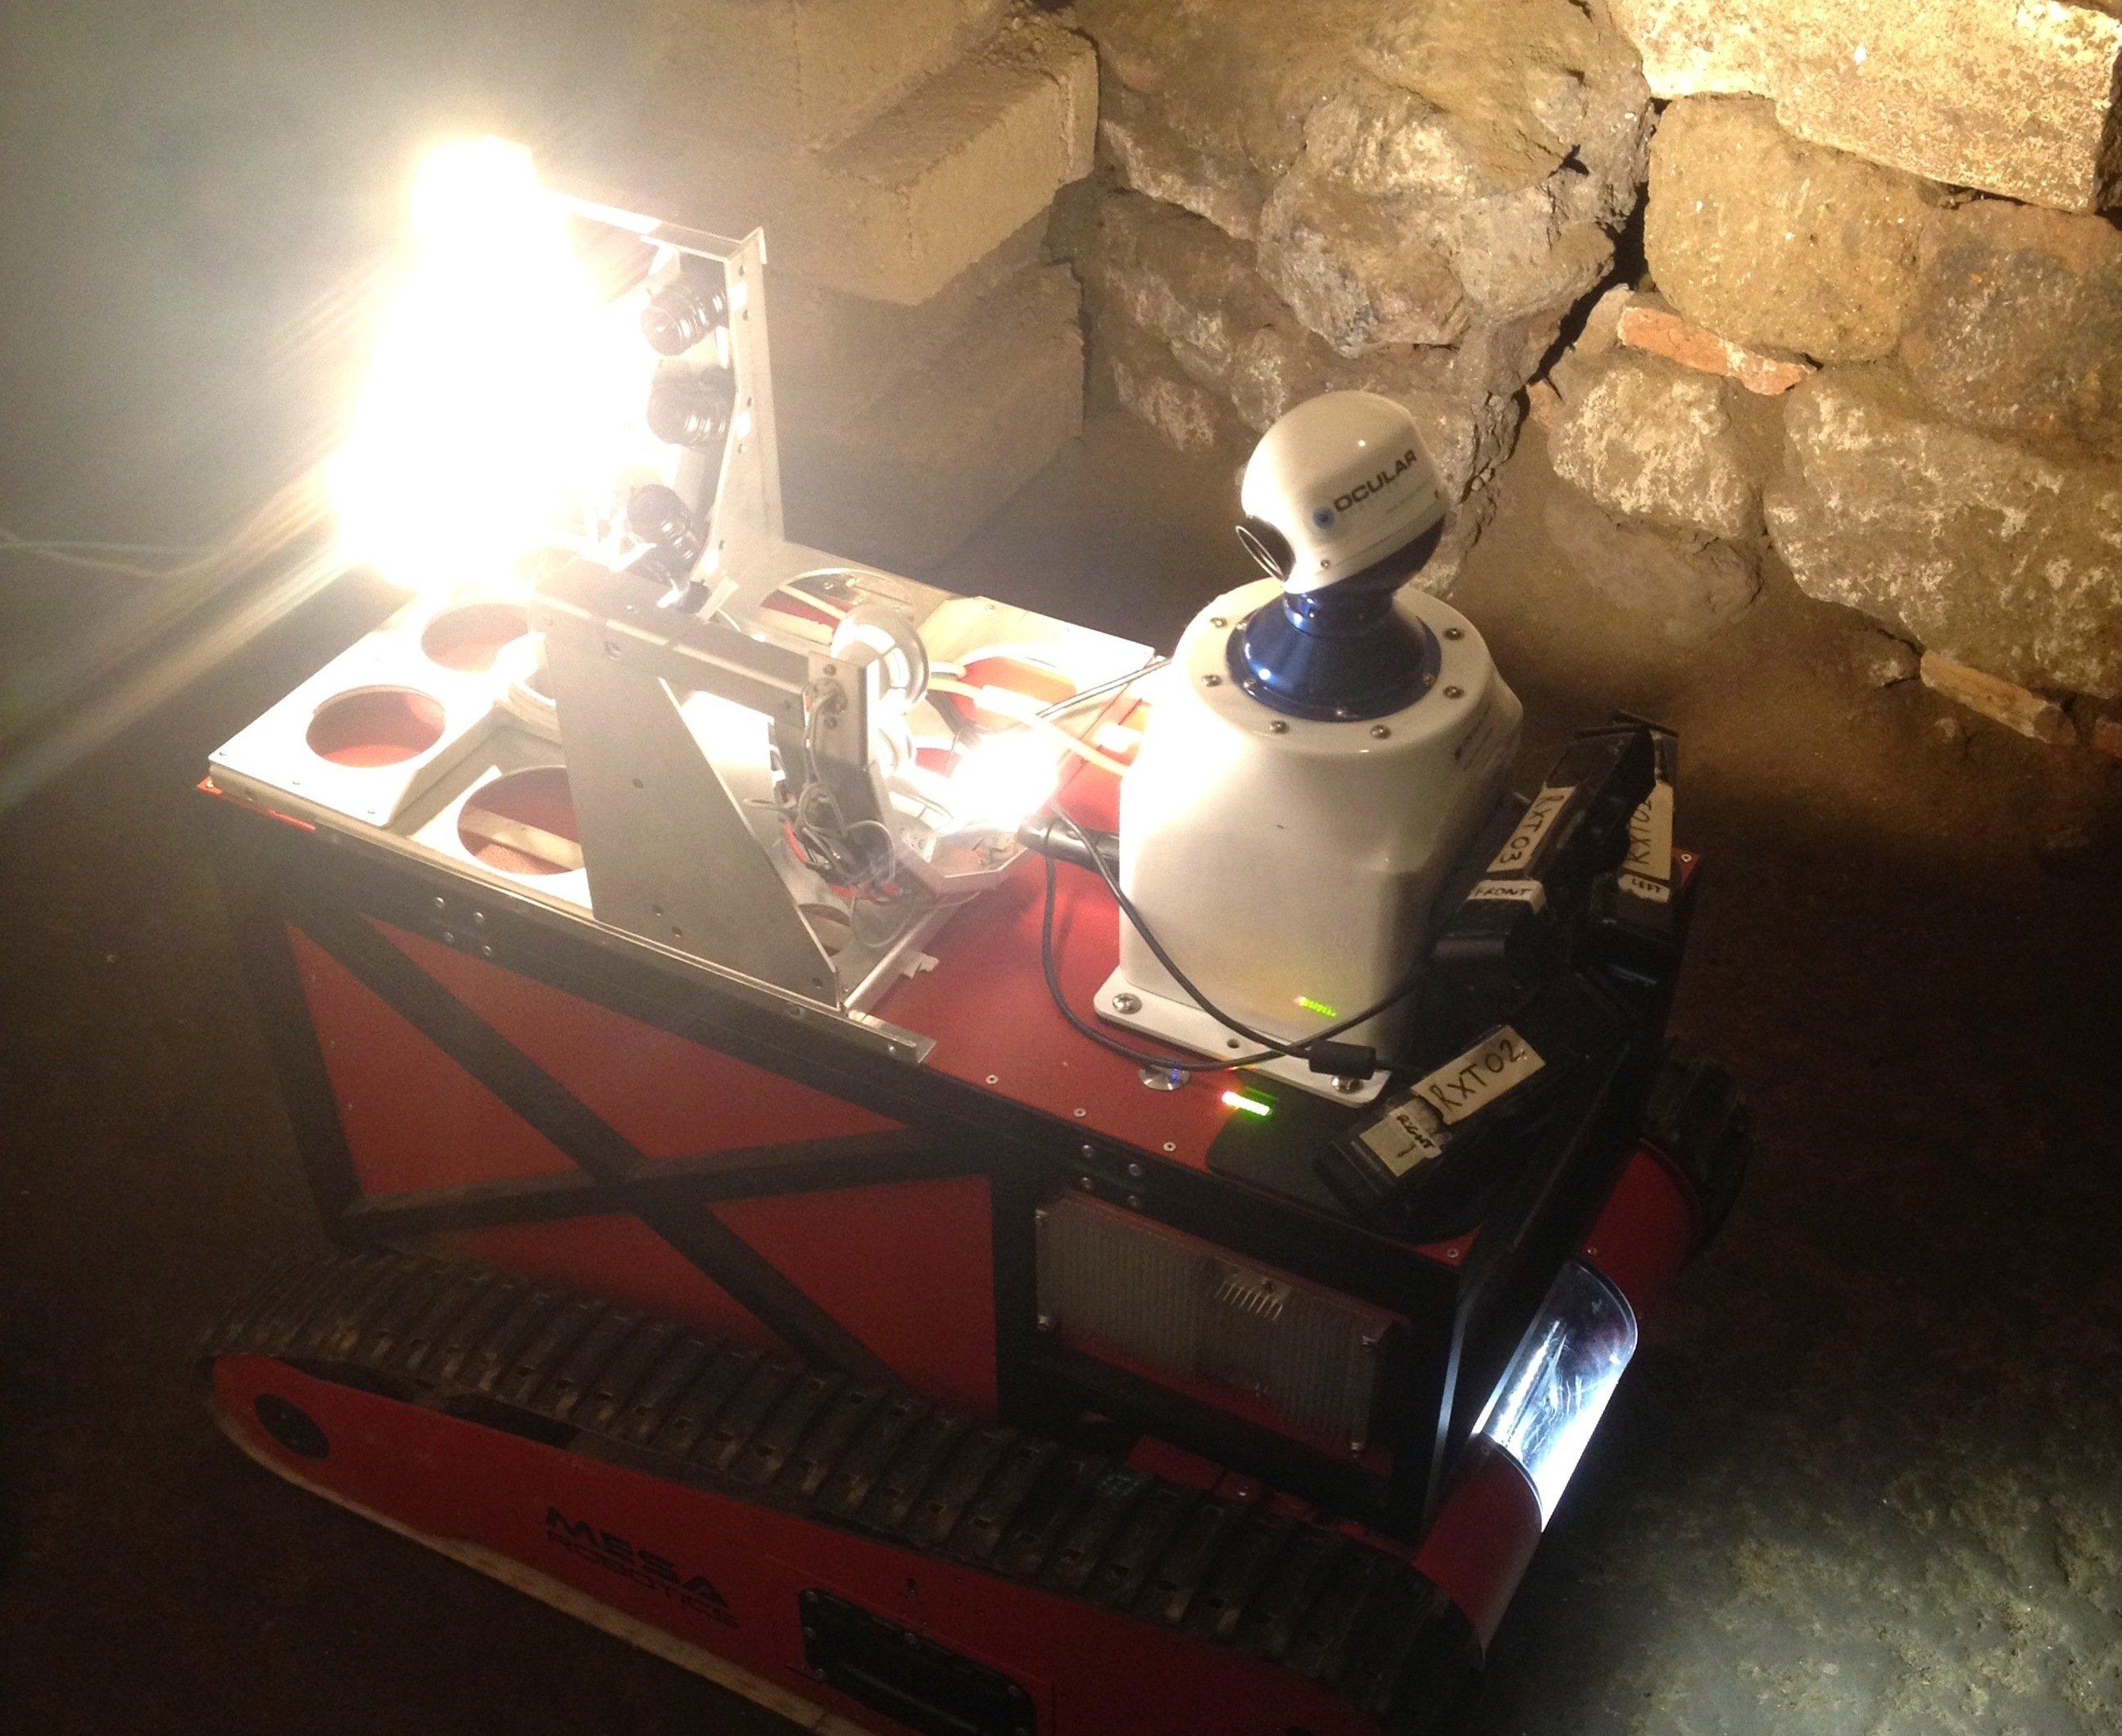 In schmalen Gängen von 60 bis 70 cm findet sich der Roboter Rovina zurecht. Das Besondere des Roboters ist aber nicht die Hardware, sondern die Software. Mit ihrer Hilfe kann Rovina während der Fahrt seine Umgebung kartieren und sich selbstständig zurechtfinden. Mit 50-Watt-LED-Lampen leuchtet er die Katakomben aus, um die Umgebung für ein späteres 3D-Modell zu filmen.